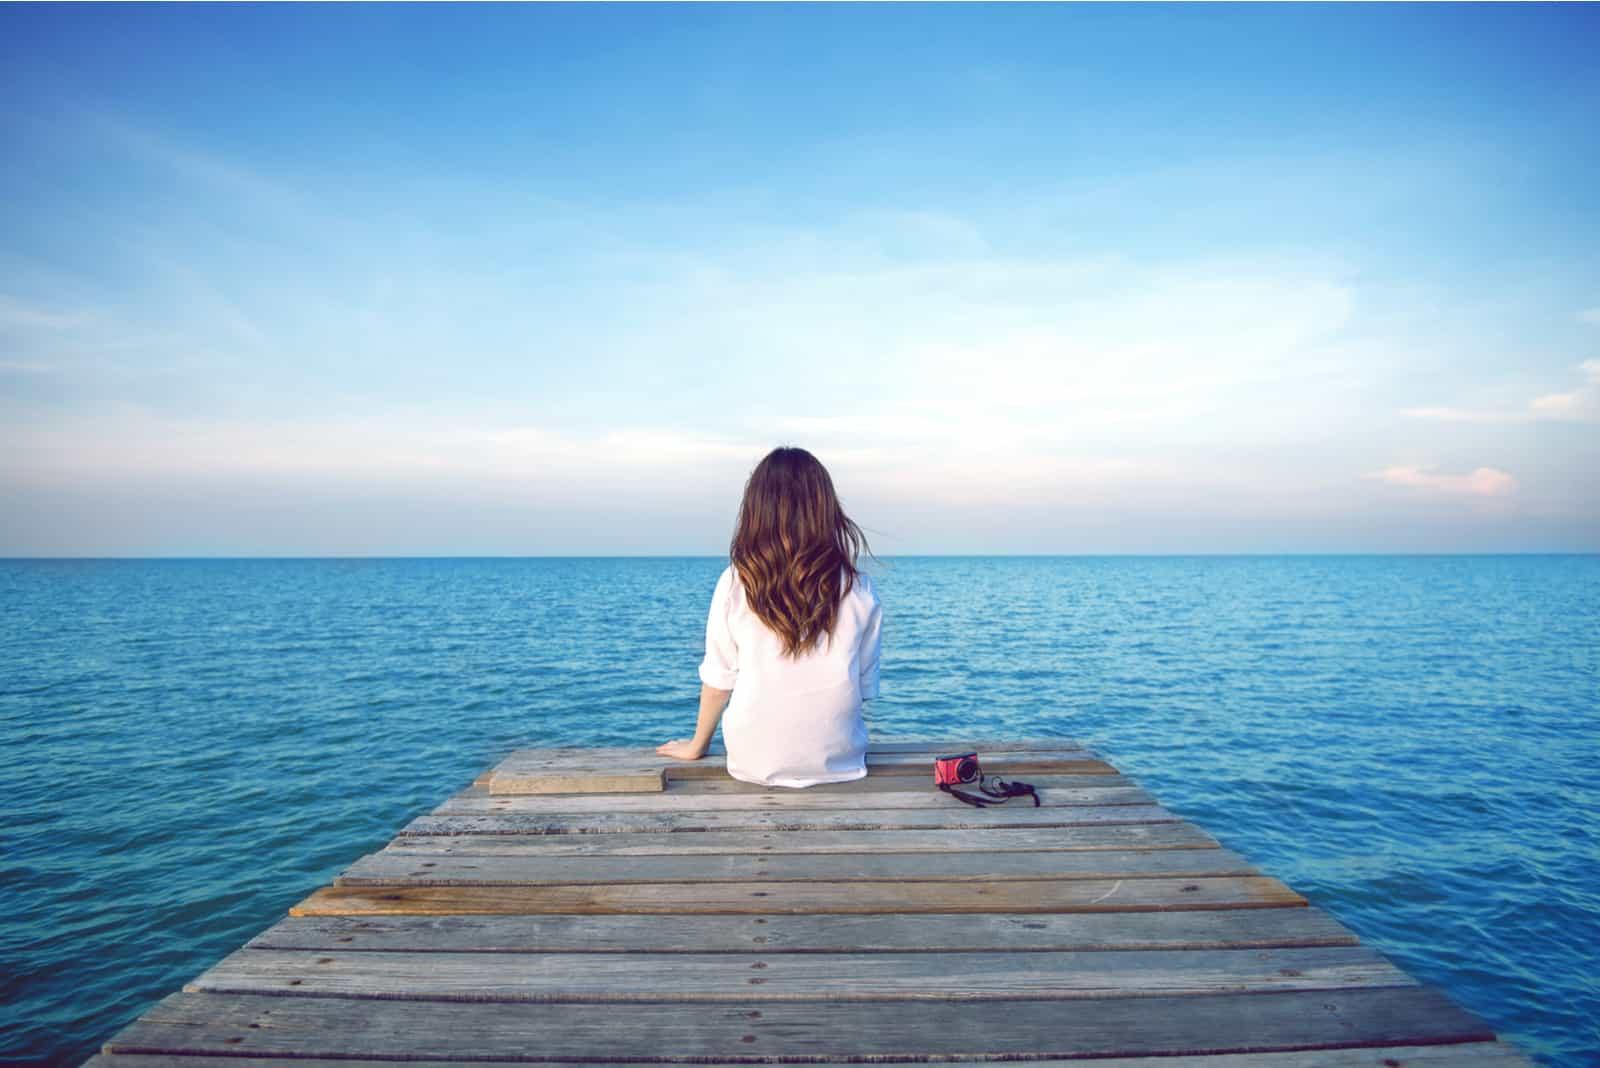 Eine imaginäre Frau sitzt auf einem Pier und schaut auf das Meer